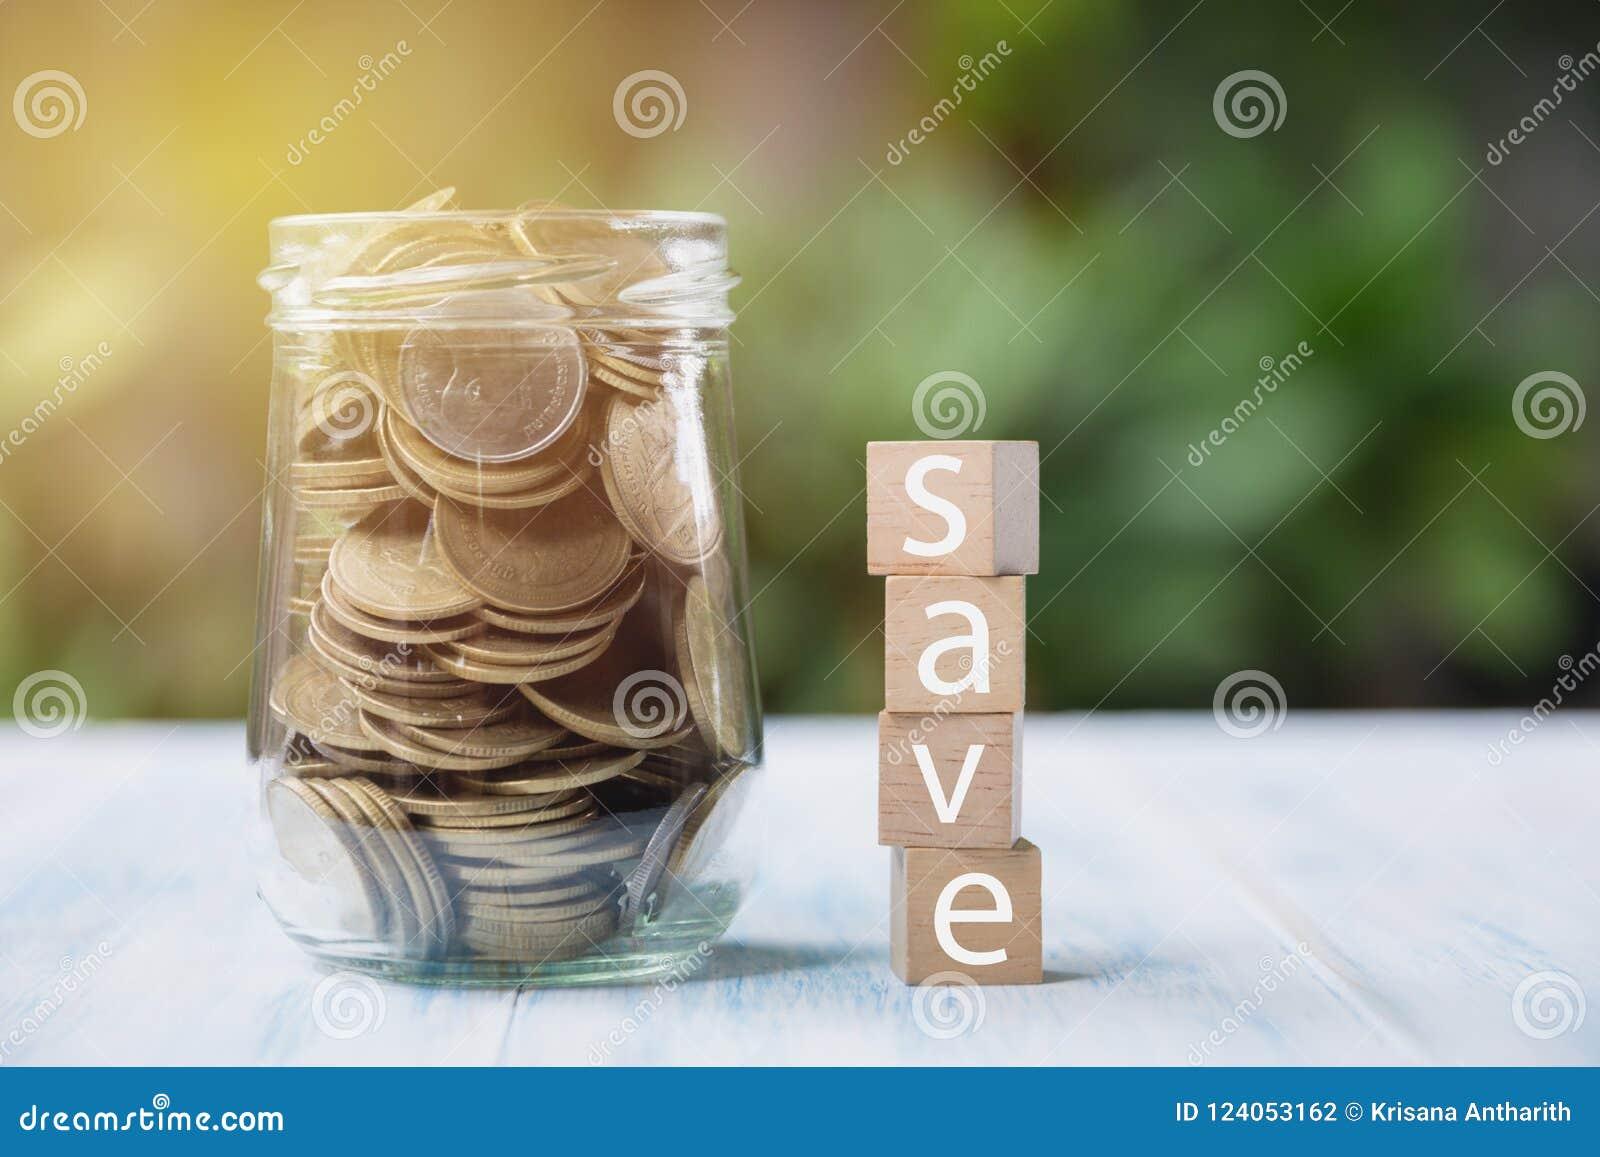 Smsa räddningen på tärning med mynt och kopiera utrymme för mellanläggstext på n